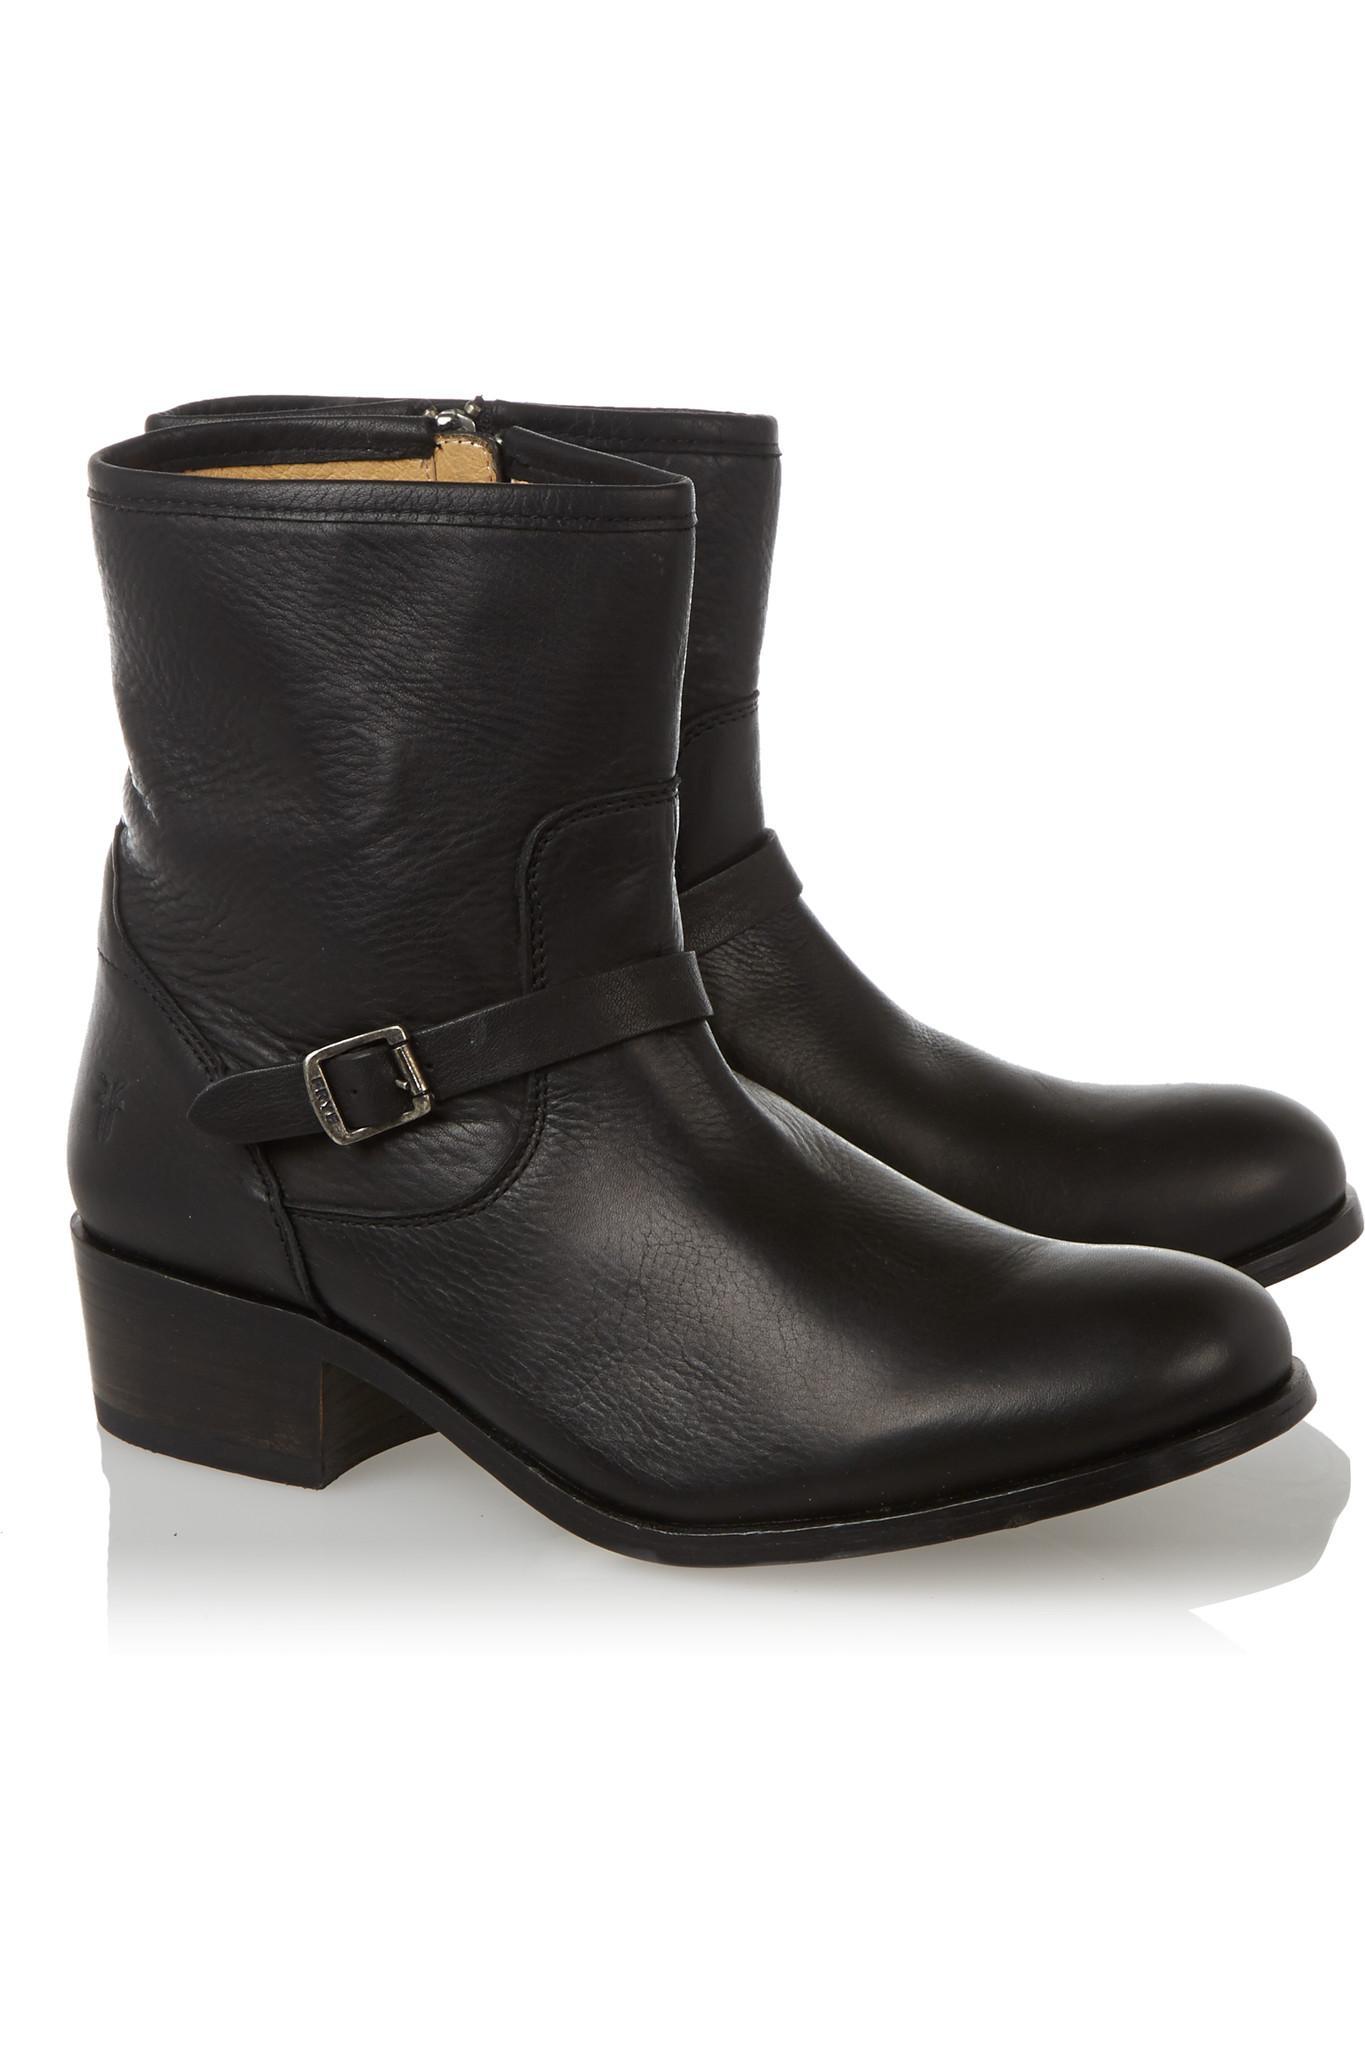 Frye Lynn Leather Boots in Black